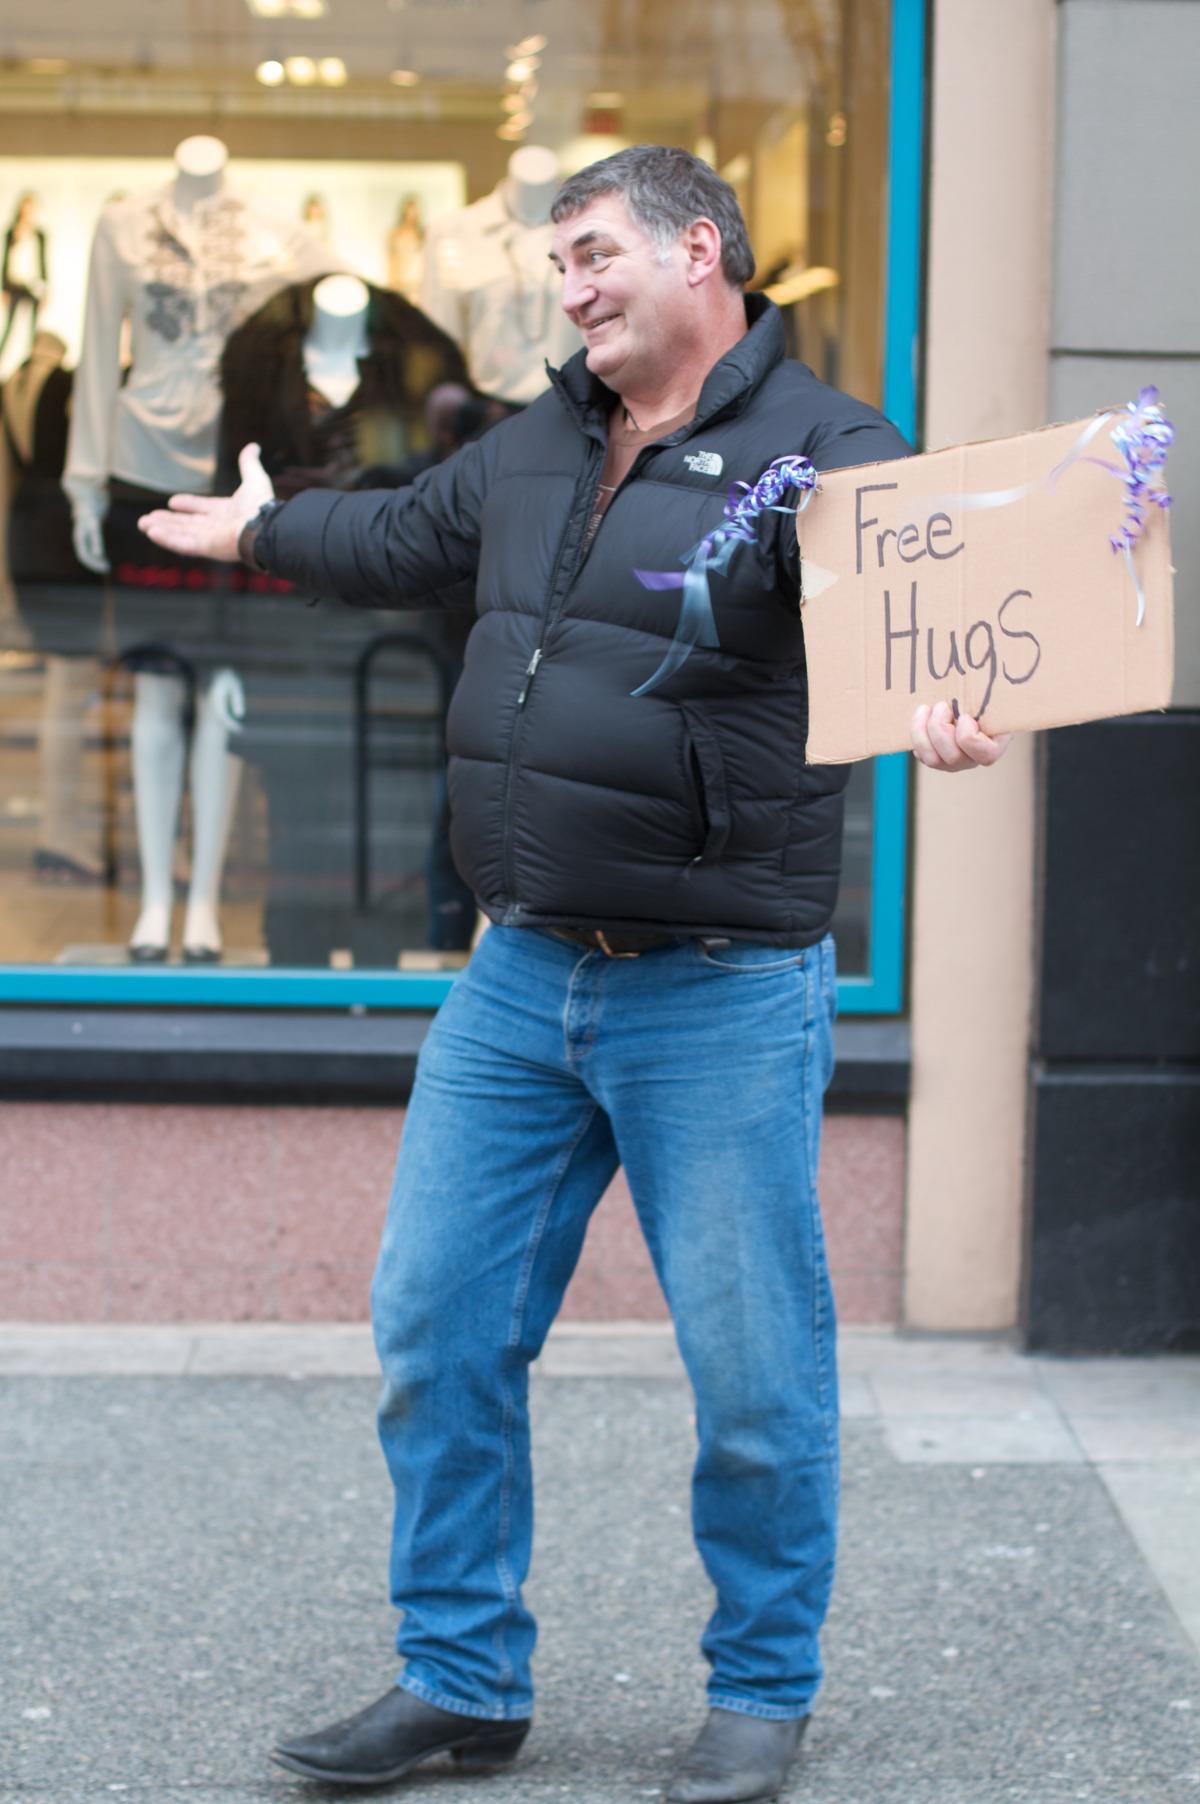 2010-12-18 at 10-47-57 hugs man street life.jpg